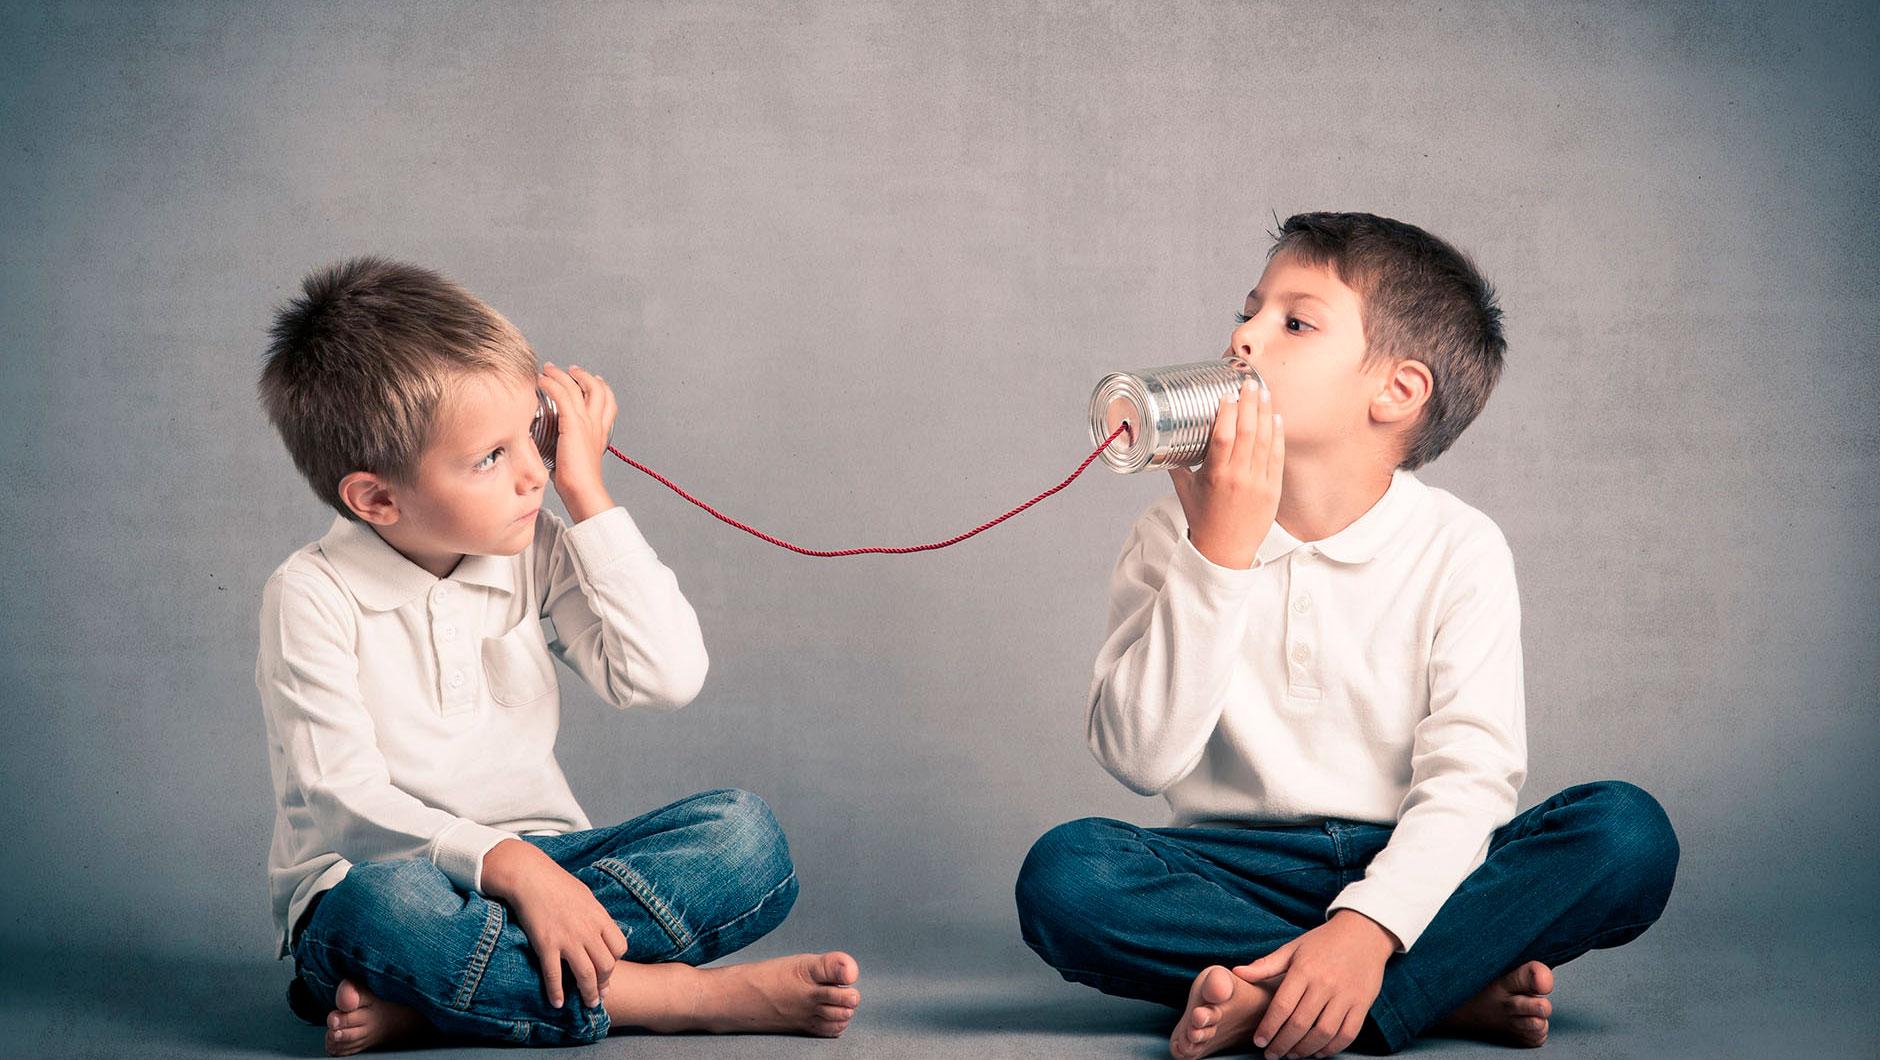 Коммуникабельность значение слова. зачем нужна коммуникабельность и как ее развить в себе